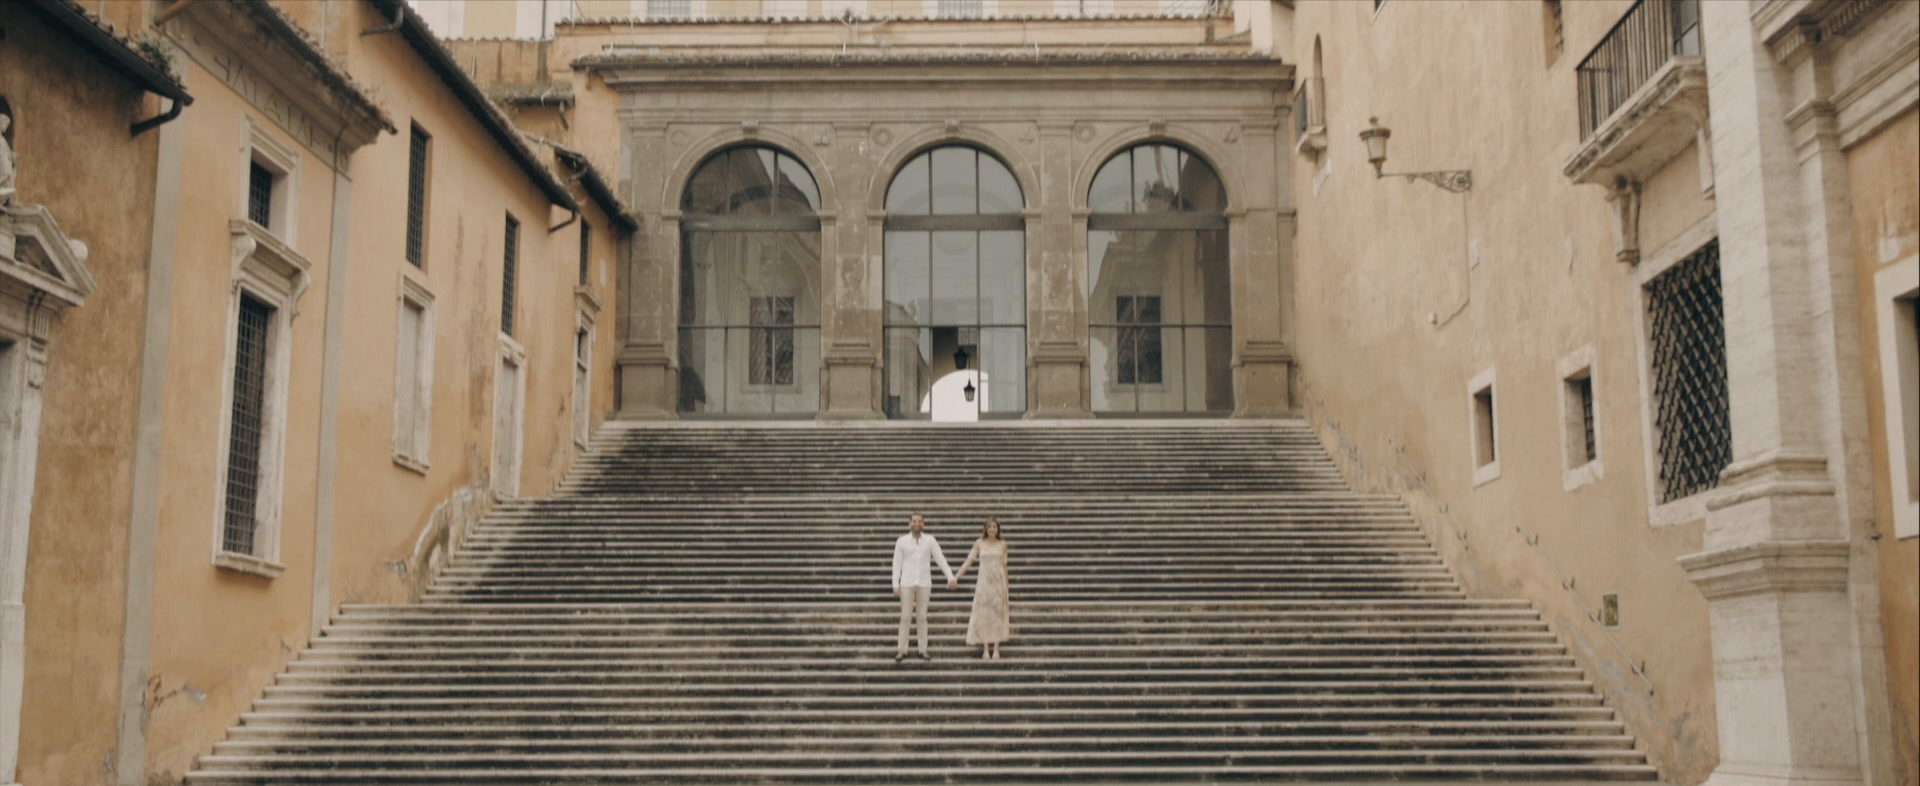 Zaid + Judy | Rome, Italy | Villa Miani